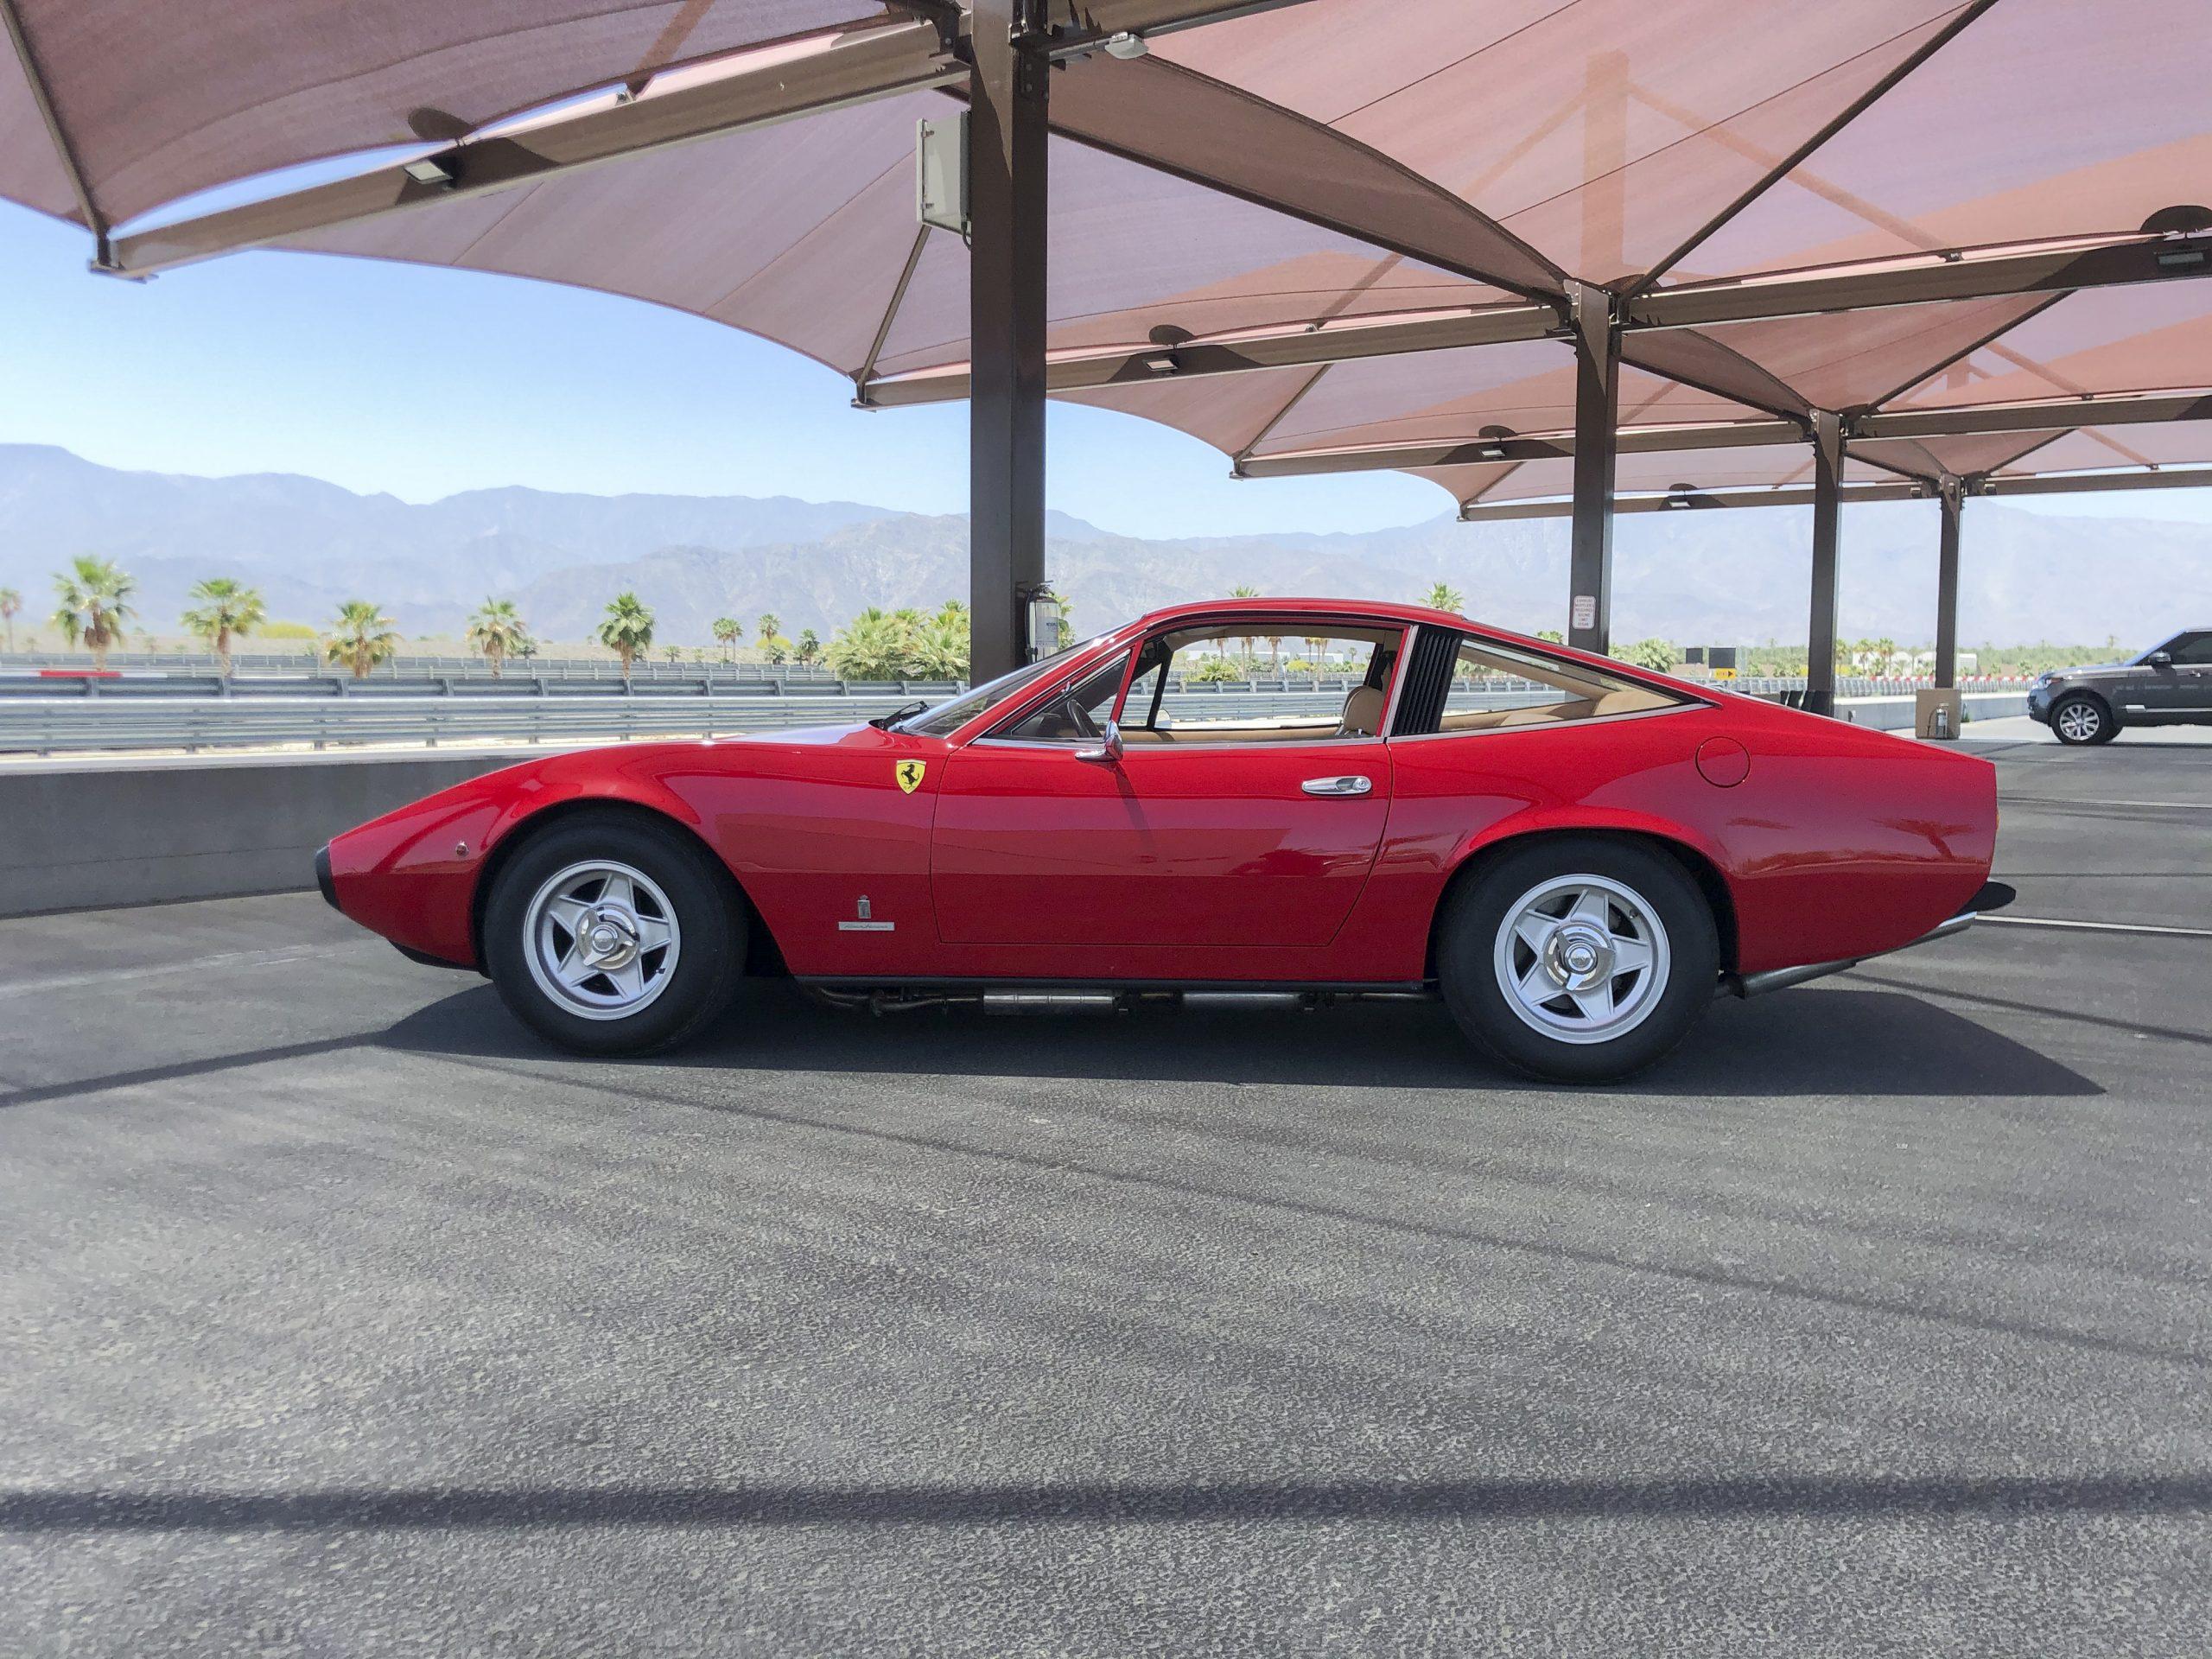 1971 Ferrari 365 GTC/4 by Pininfarina profile